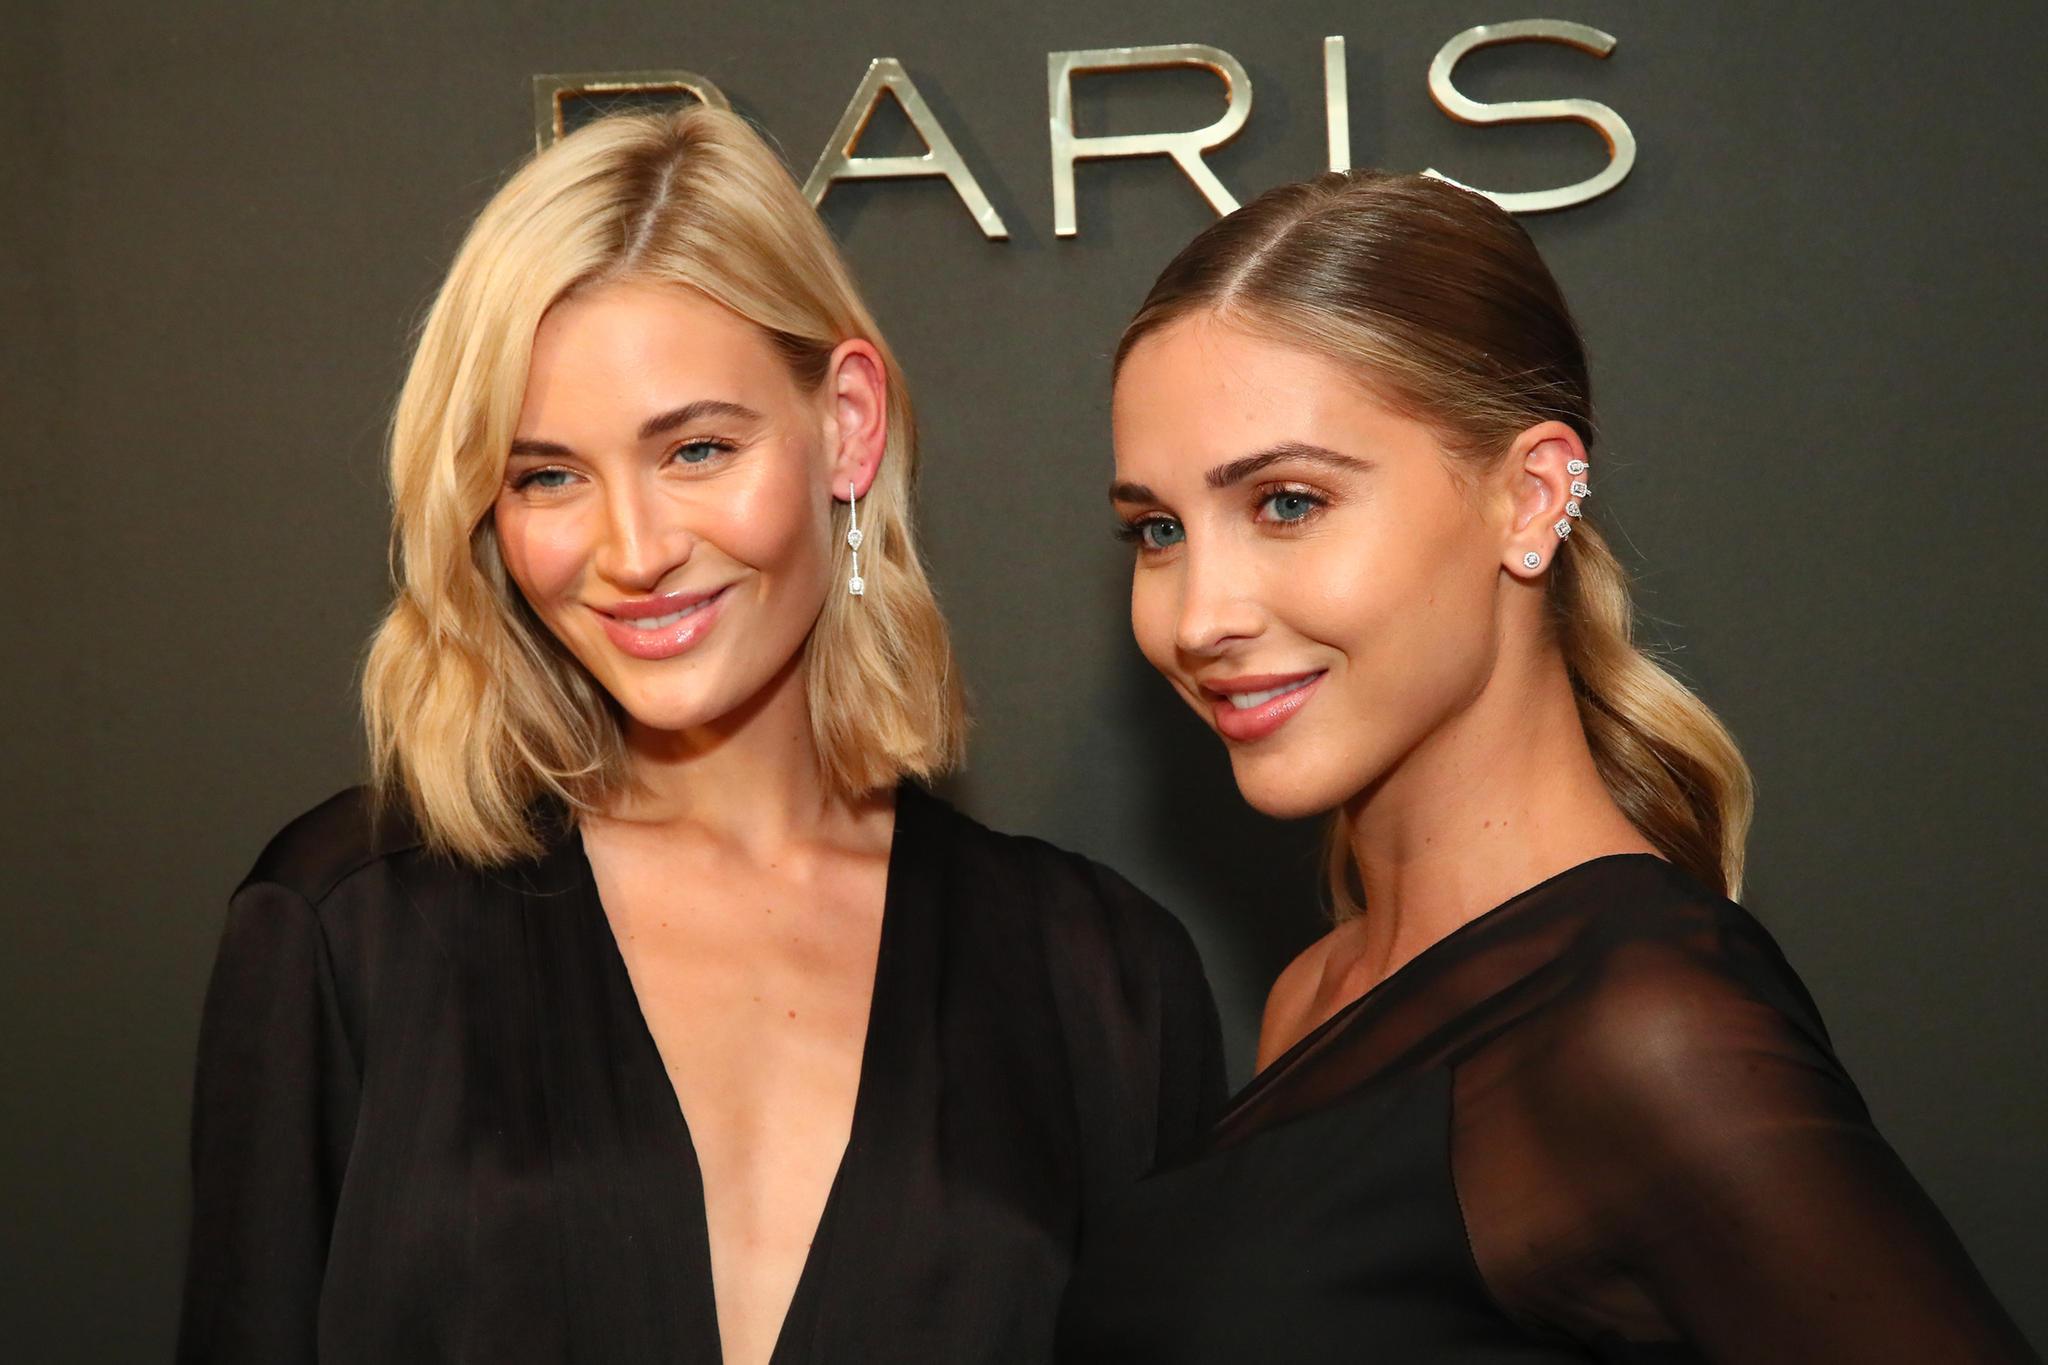 Mandy Bork hat damals nicht nur von Heidi Klum gelernt, sondern liebt es auch heute noch, sich mit anderen auszutauschen und immer wieder Neues zu entdecken. Mit Ann-Kathrin Götze führt sie deswegen gerne einmal Beauty-Talks unter Freundinnen.